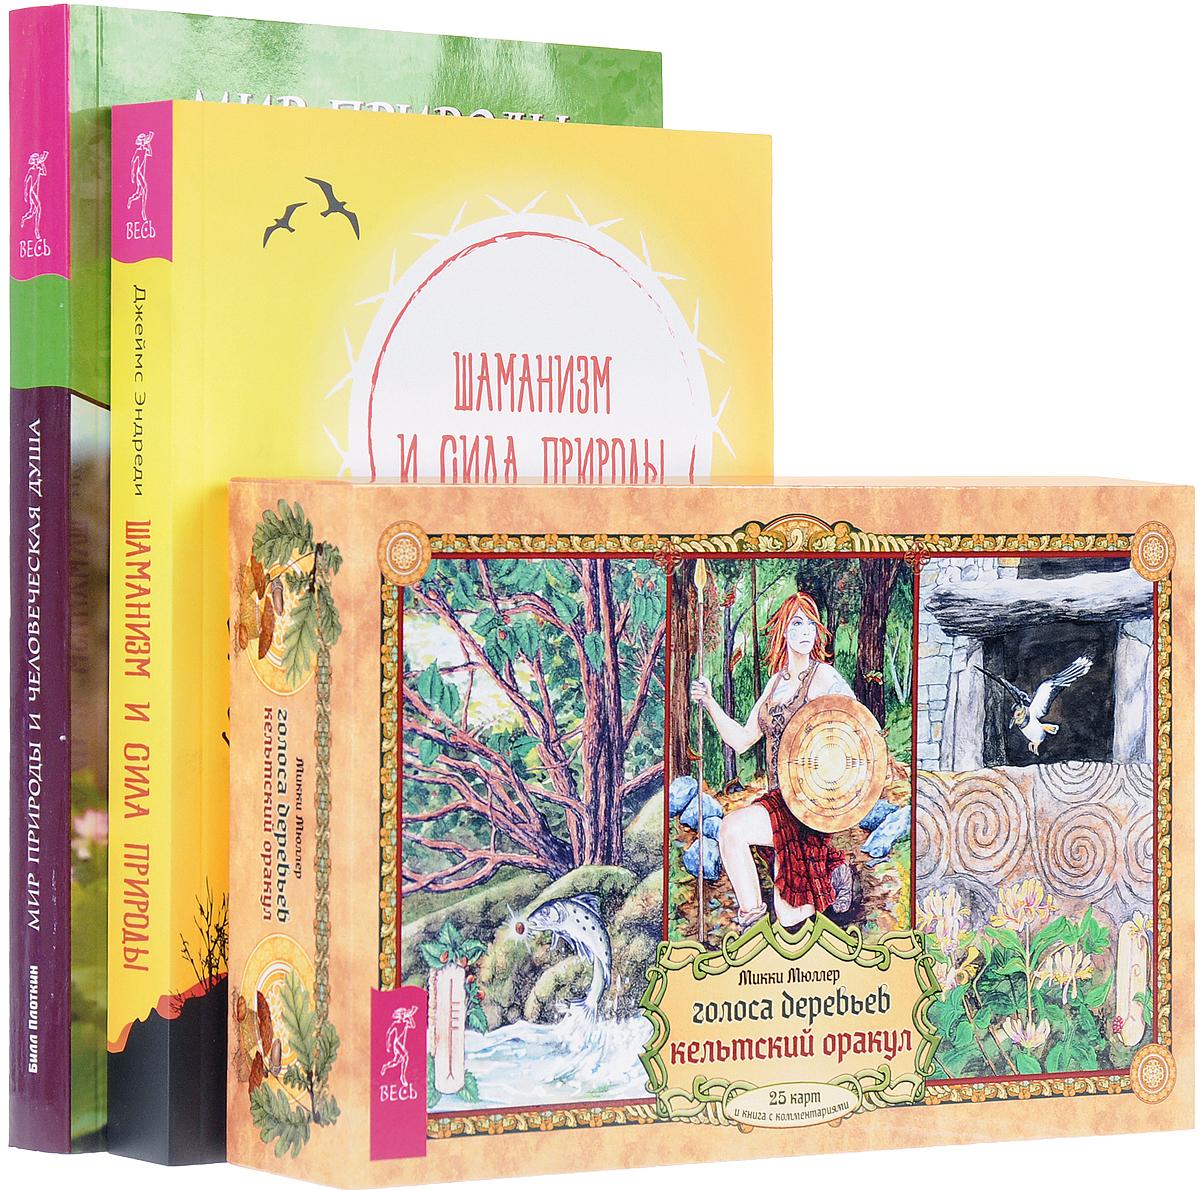 Микки Мюллер, Джеймс Эндреди, Билл Плоткин Голоса деревьев. Шаманизм. Мир природы (комплект из 3 книг + набор из 25 карт) недорого